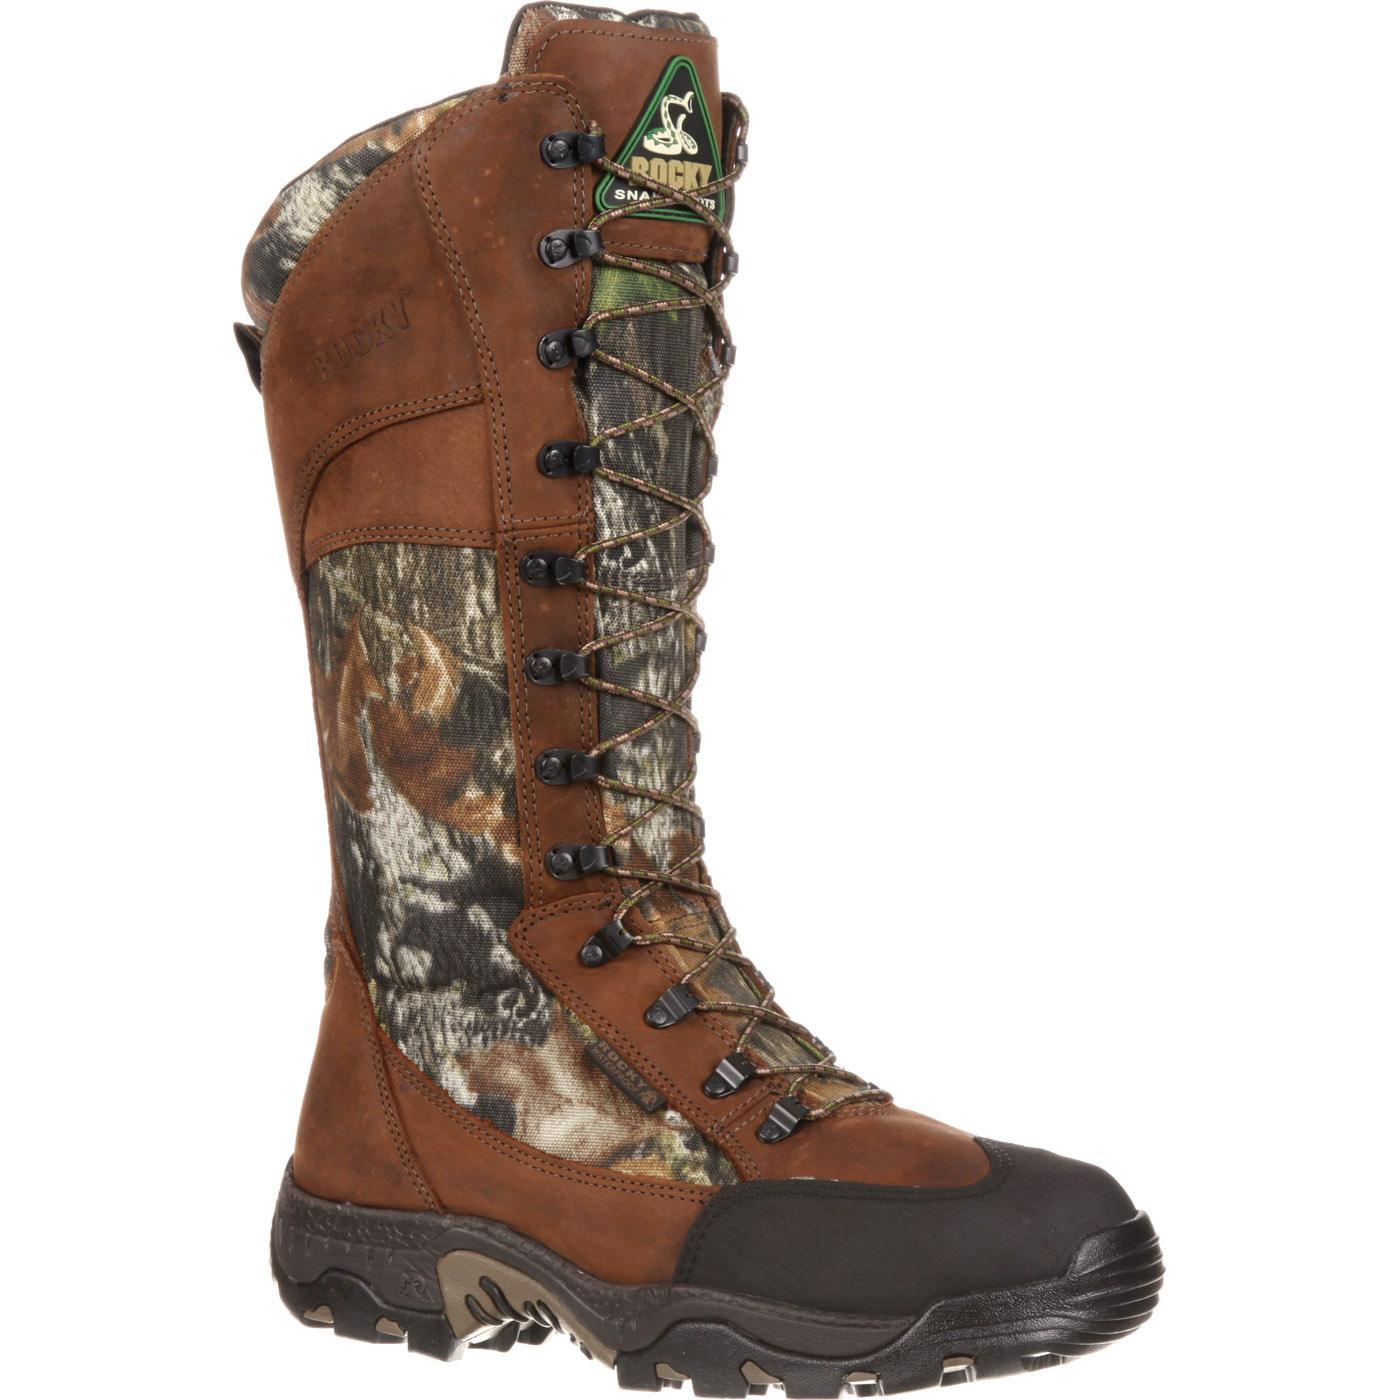 Rocky Classic Lynx Waterproof Side Zip Snake Boot Fq0007534